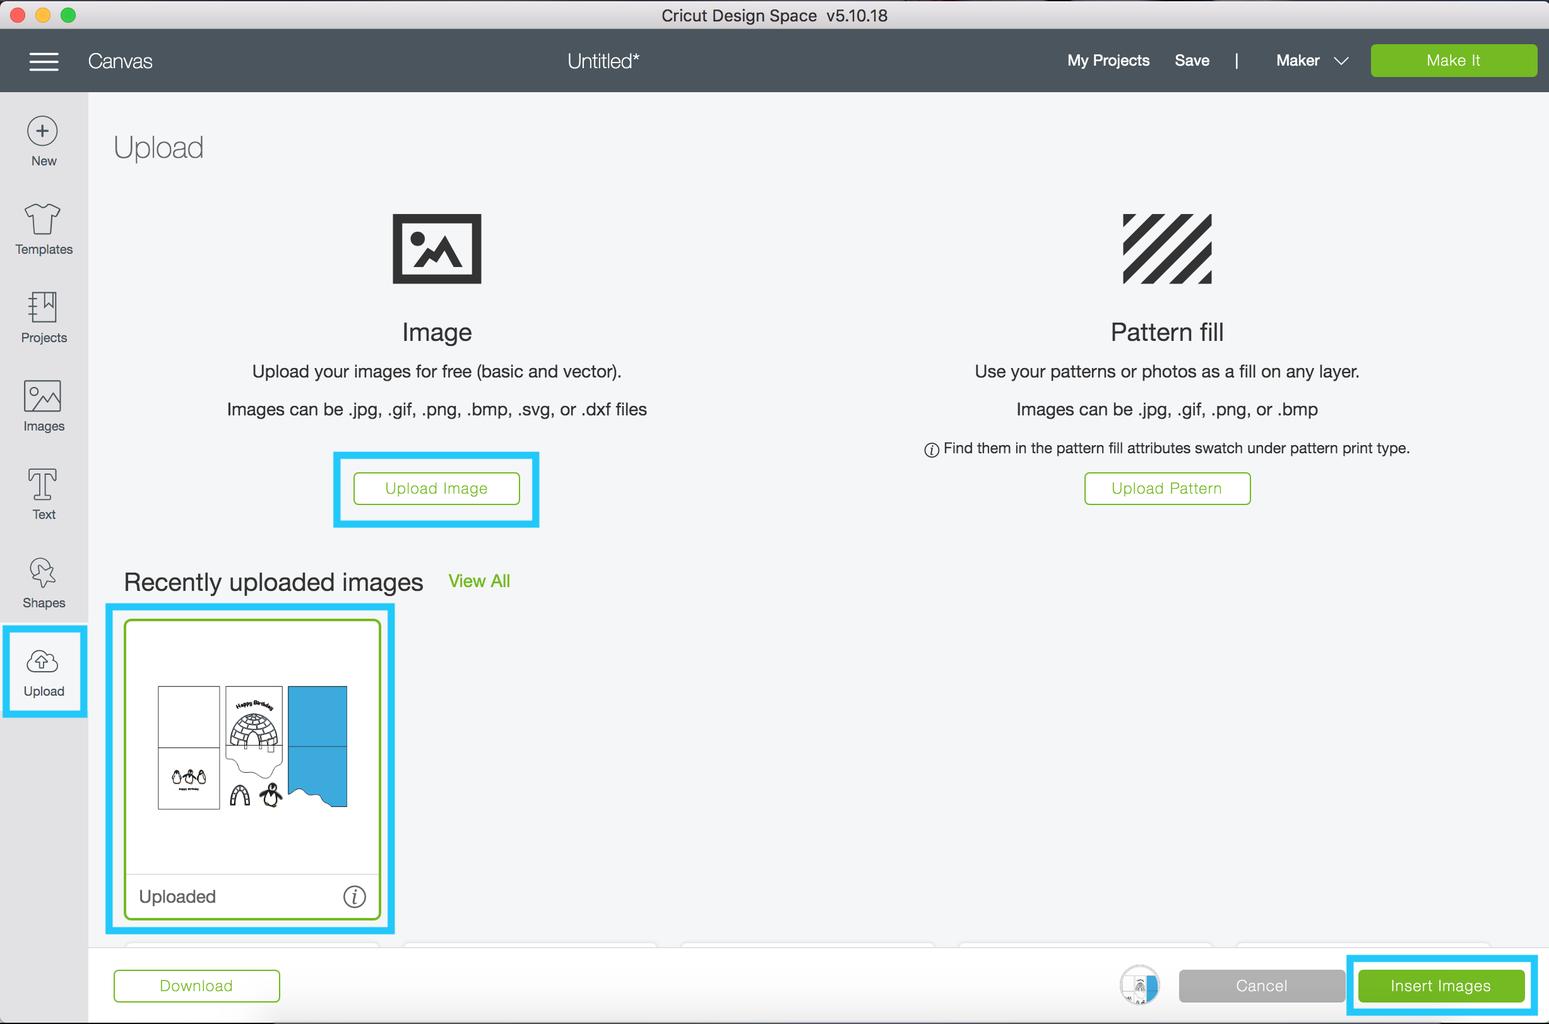 Add the Cutting File to Cricut Design Space